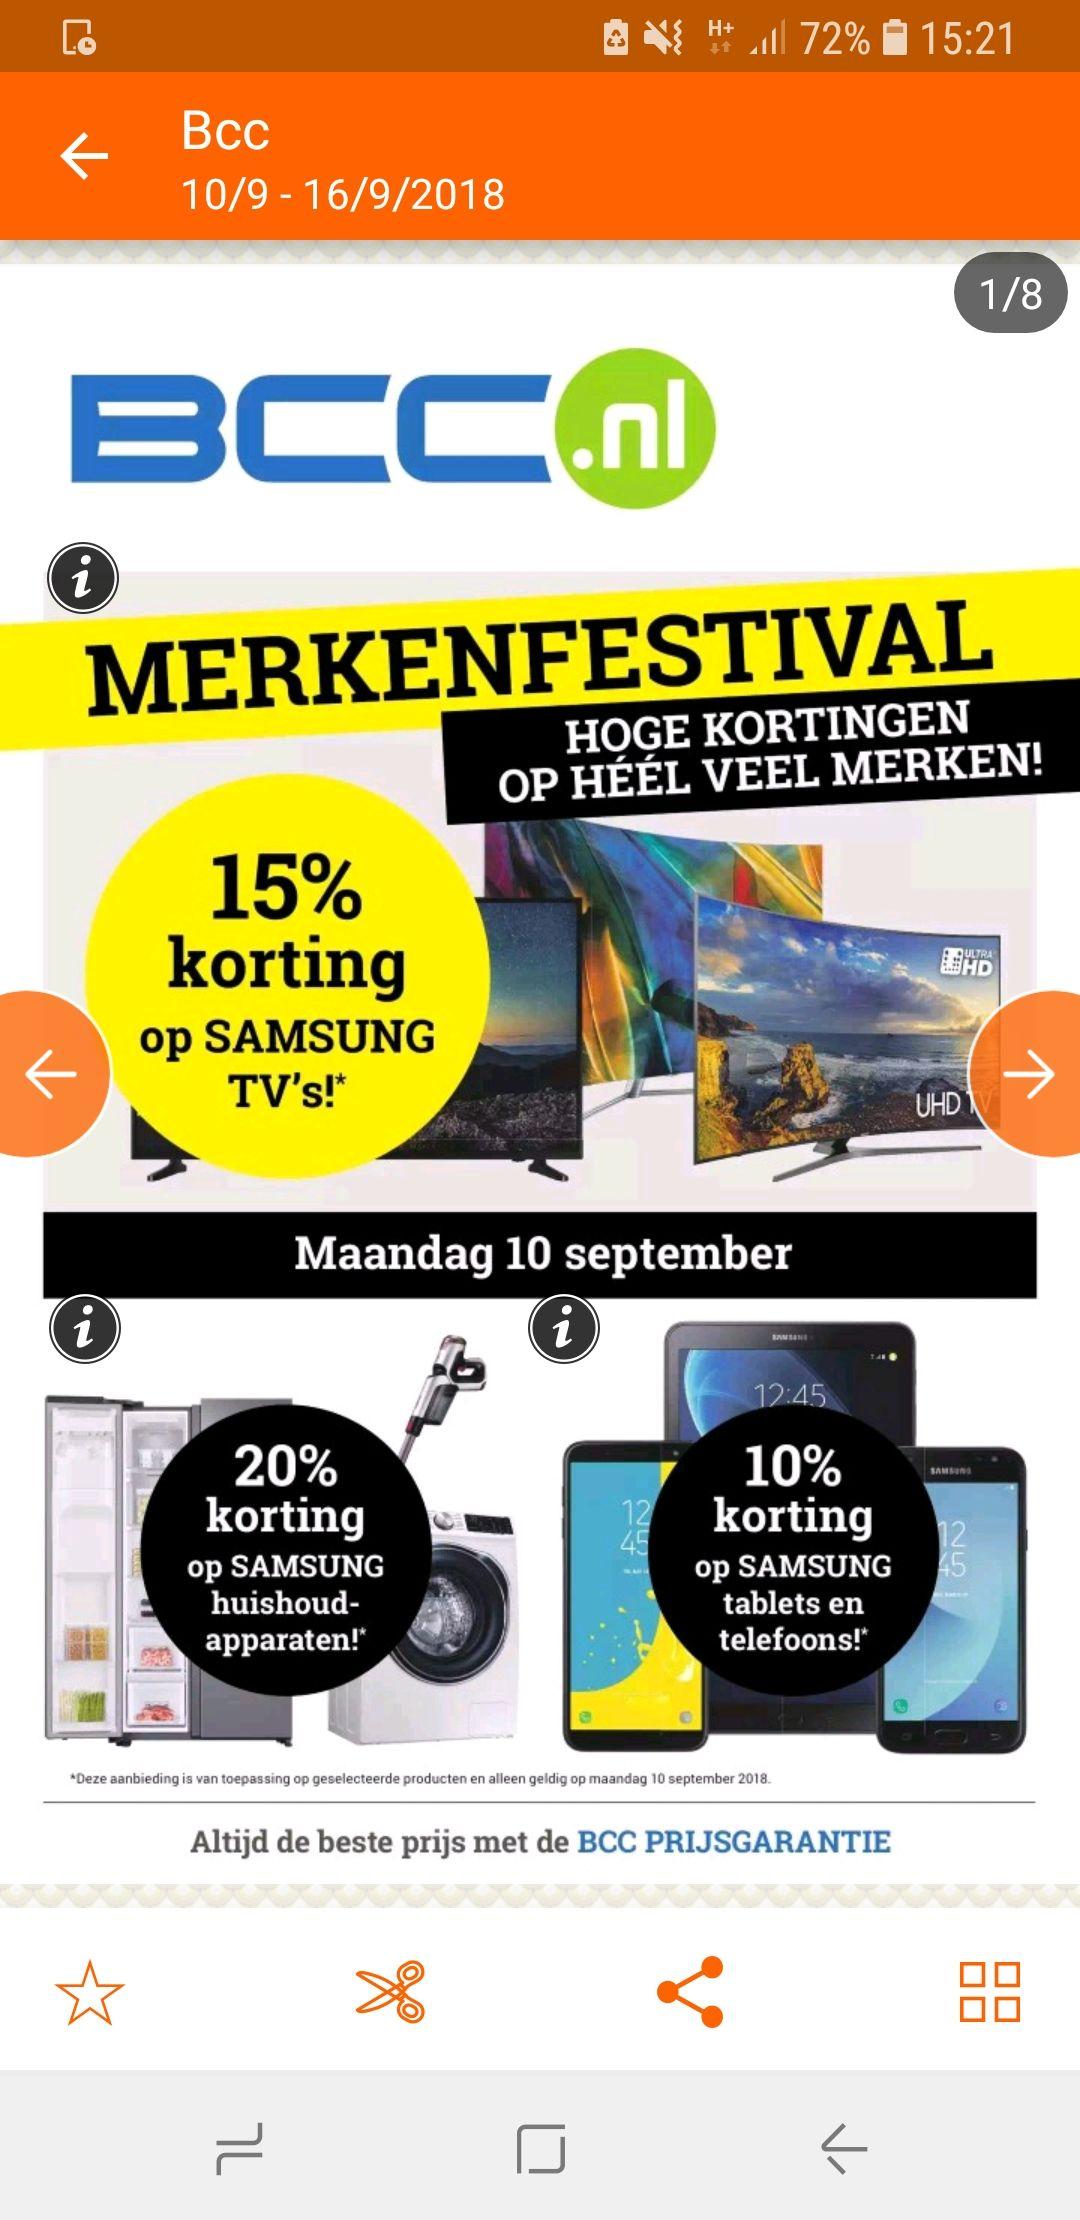 BCC Merkenfestival - Pepper.com